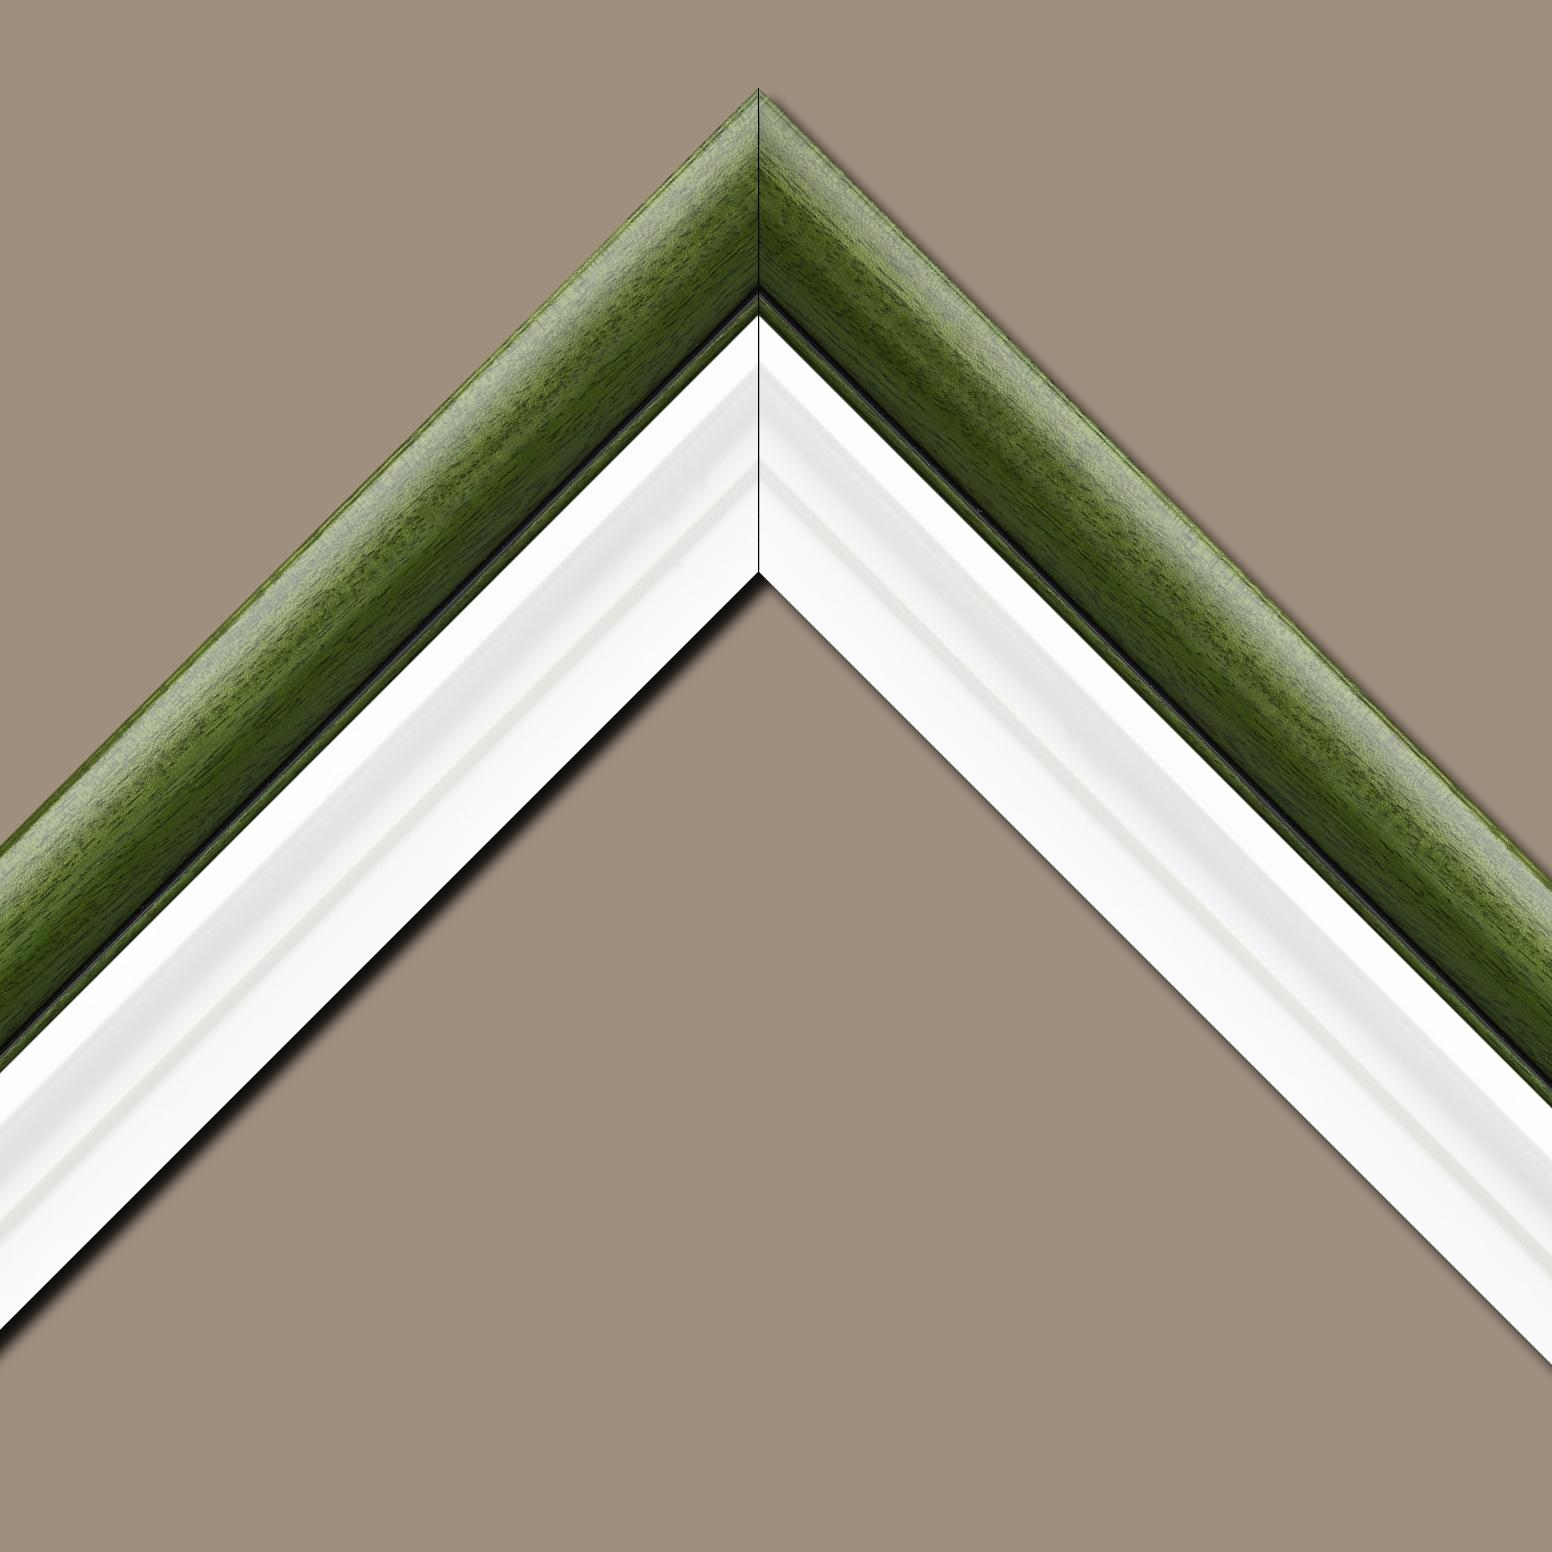 Baguette bois profil arrondi largeur 4.7cm couleur vert sapin satiné rehaussé d'un filet noir + bois caisse américaine profil escalier largeur 4.4cm blanc mat   (spécialement conçu pour les châssis d'une épaisseur jusqu'à 2.5cm ) largeur total du cadre : 8.3cm